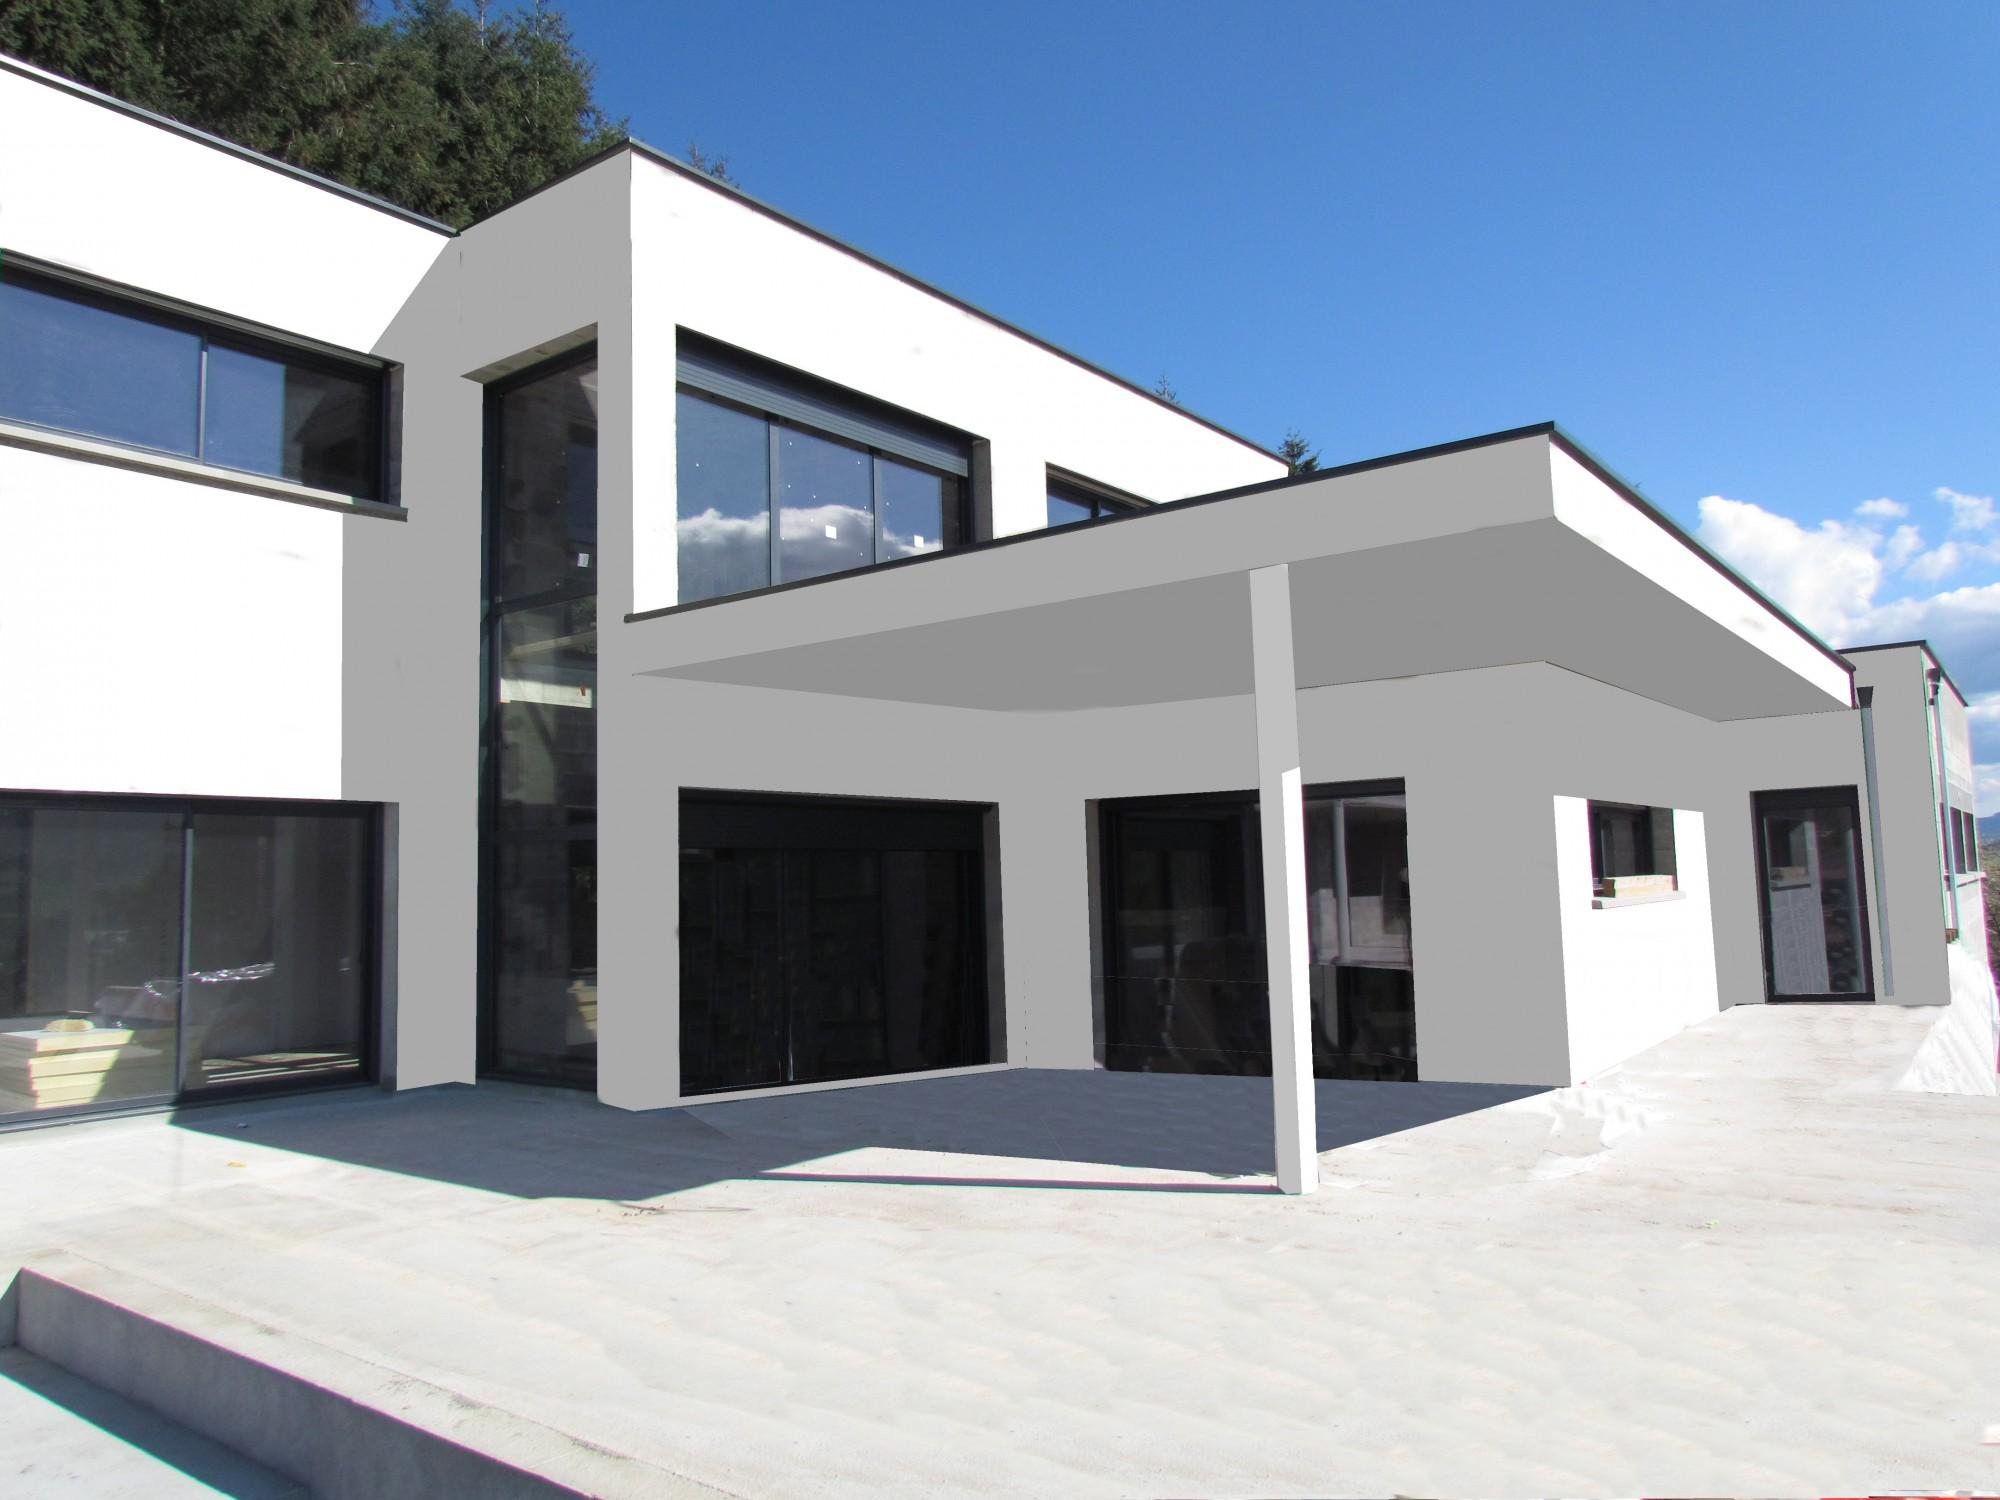 Terrasse Maison Moderne   Maison Moderne Avec Grande Terrasse Et ...